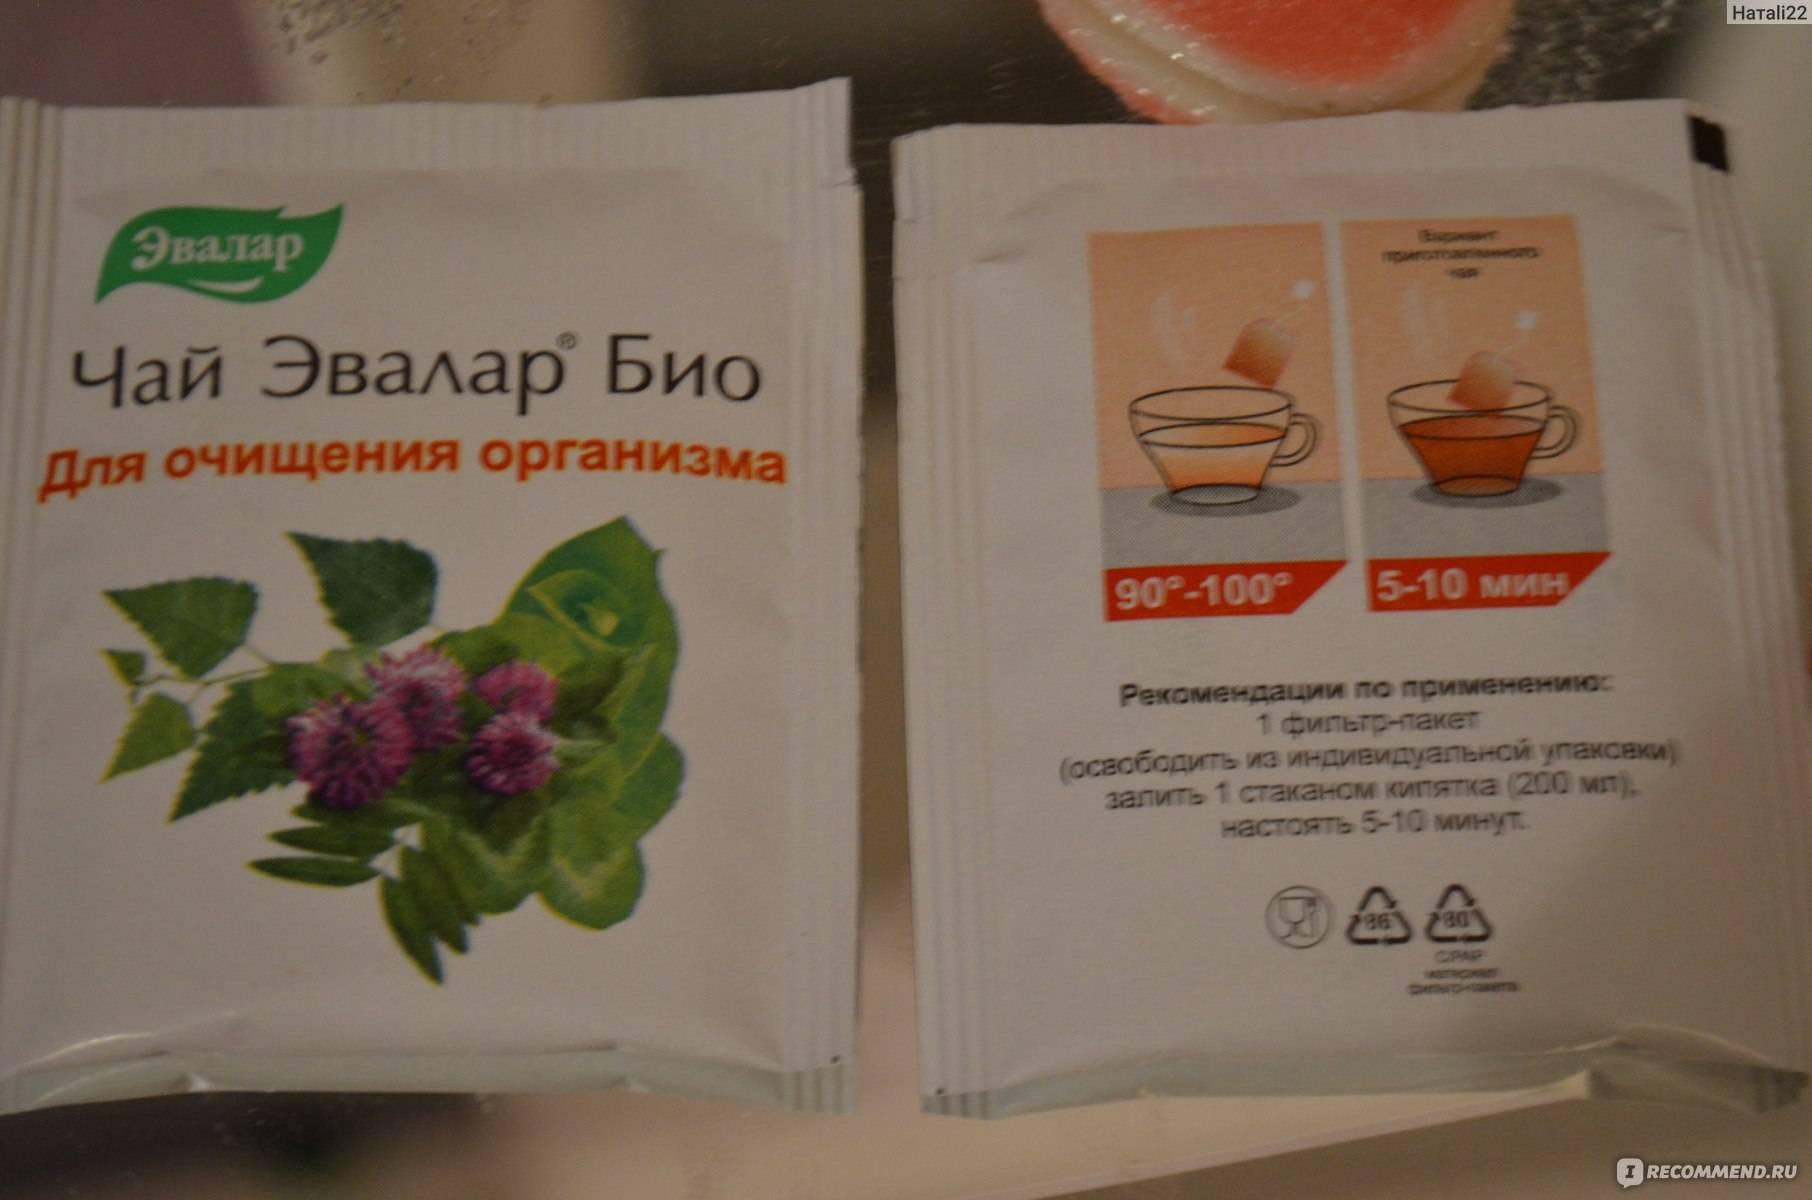 Чай эвалар био: обзор ассортимента, инструкция по применению, отзывы